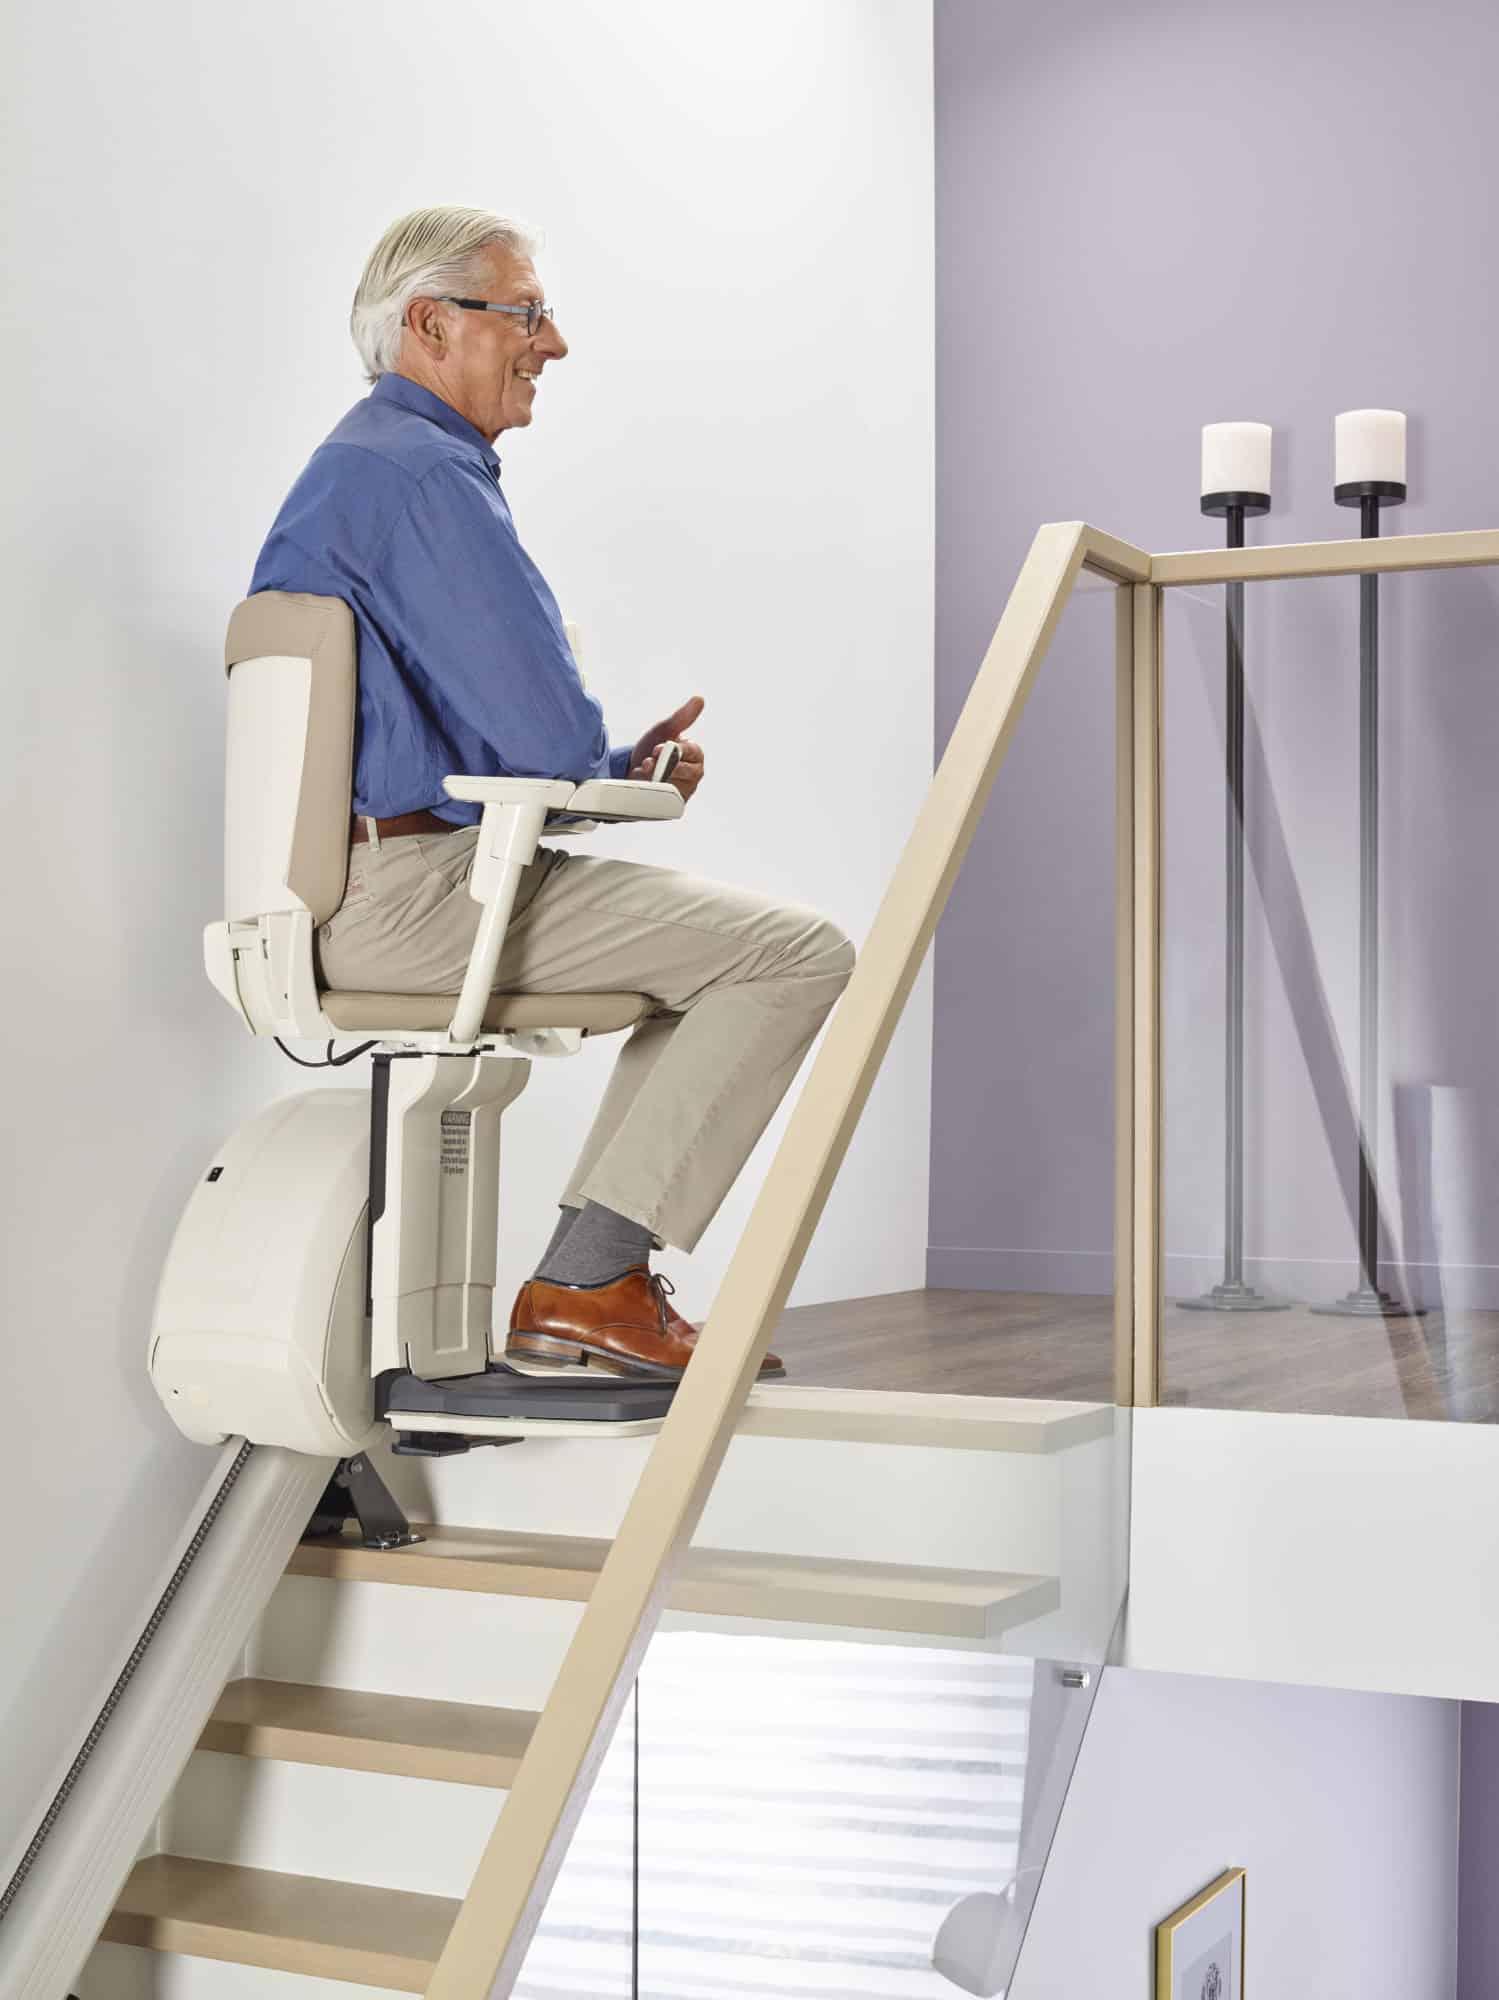 man zit op traplift stoel bovenaan de trap